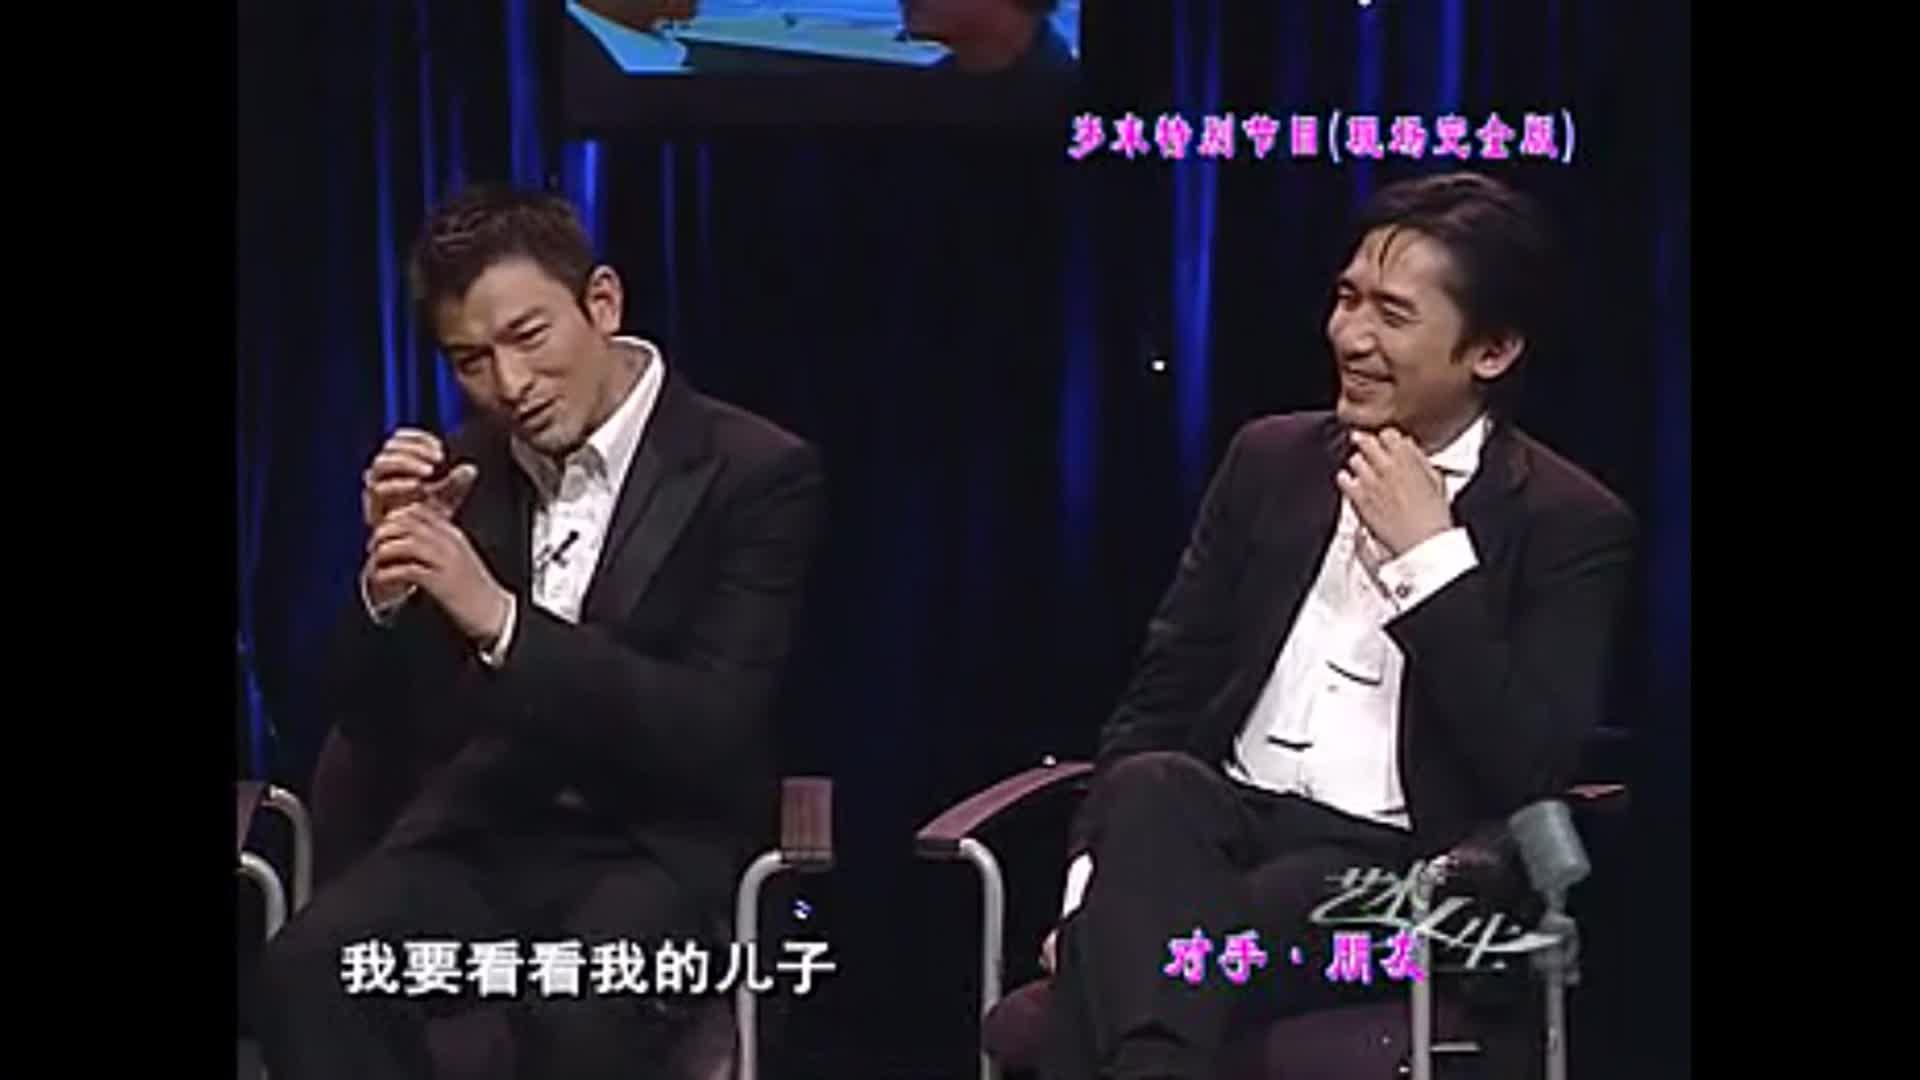 2003年刘德华和梁朝伟《艺术人生》之无间道访谈